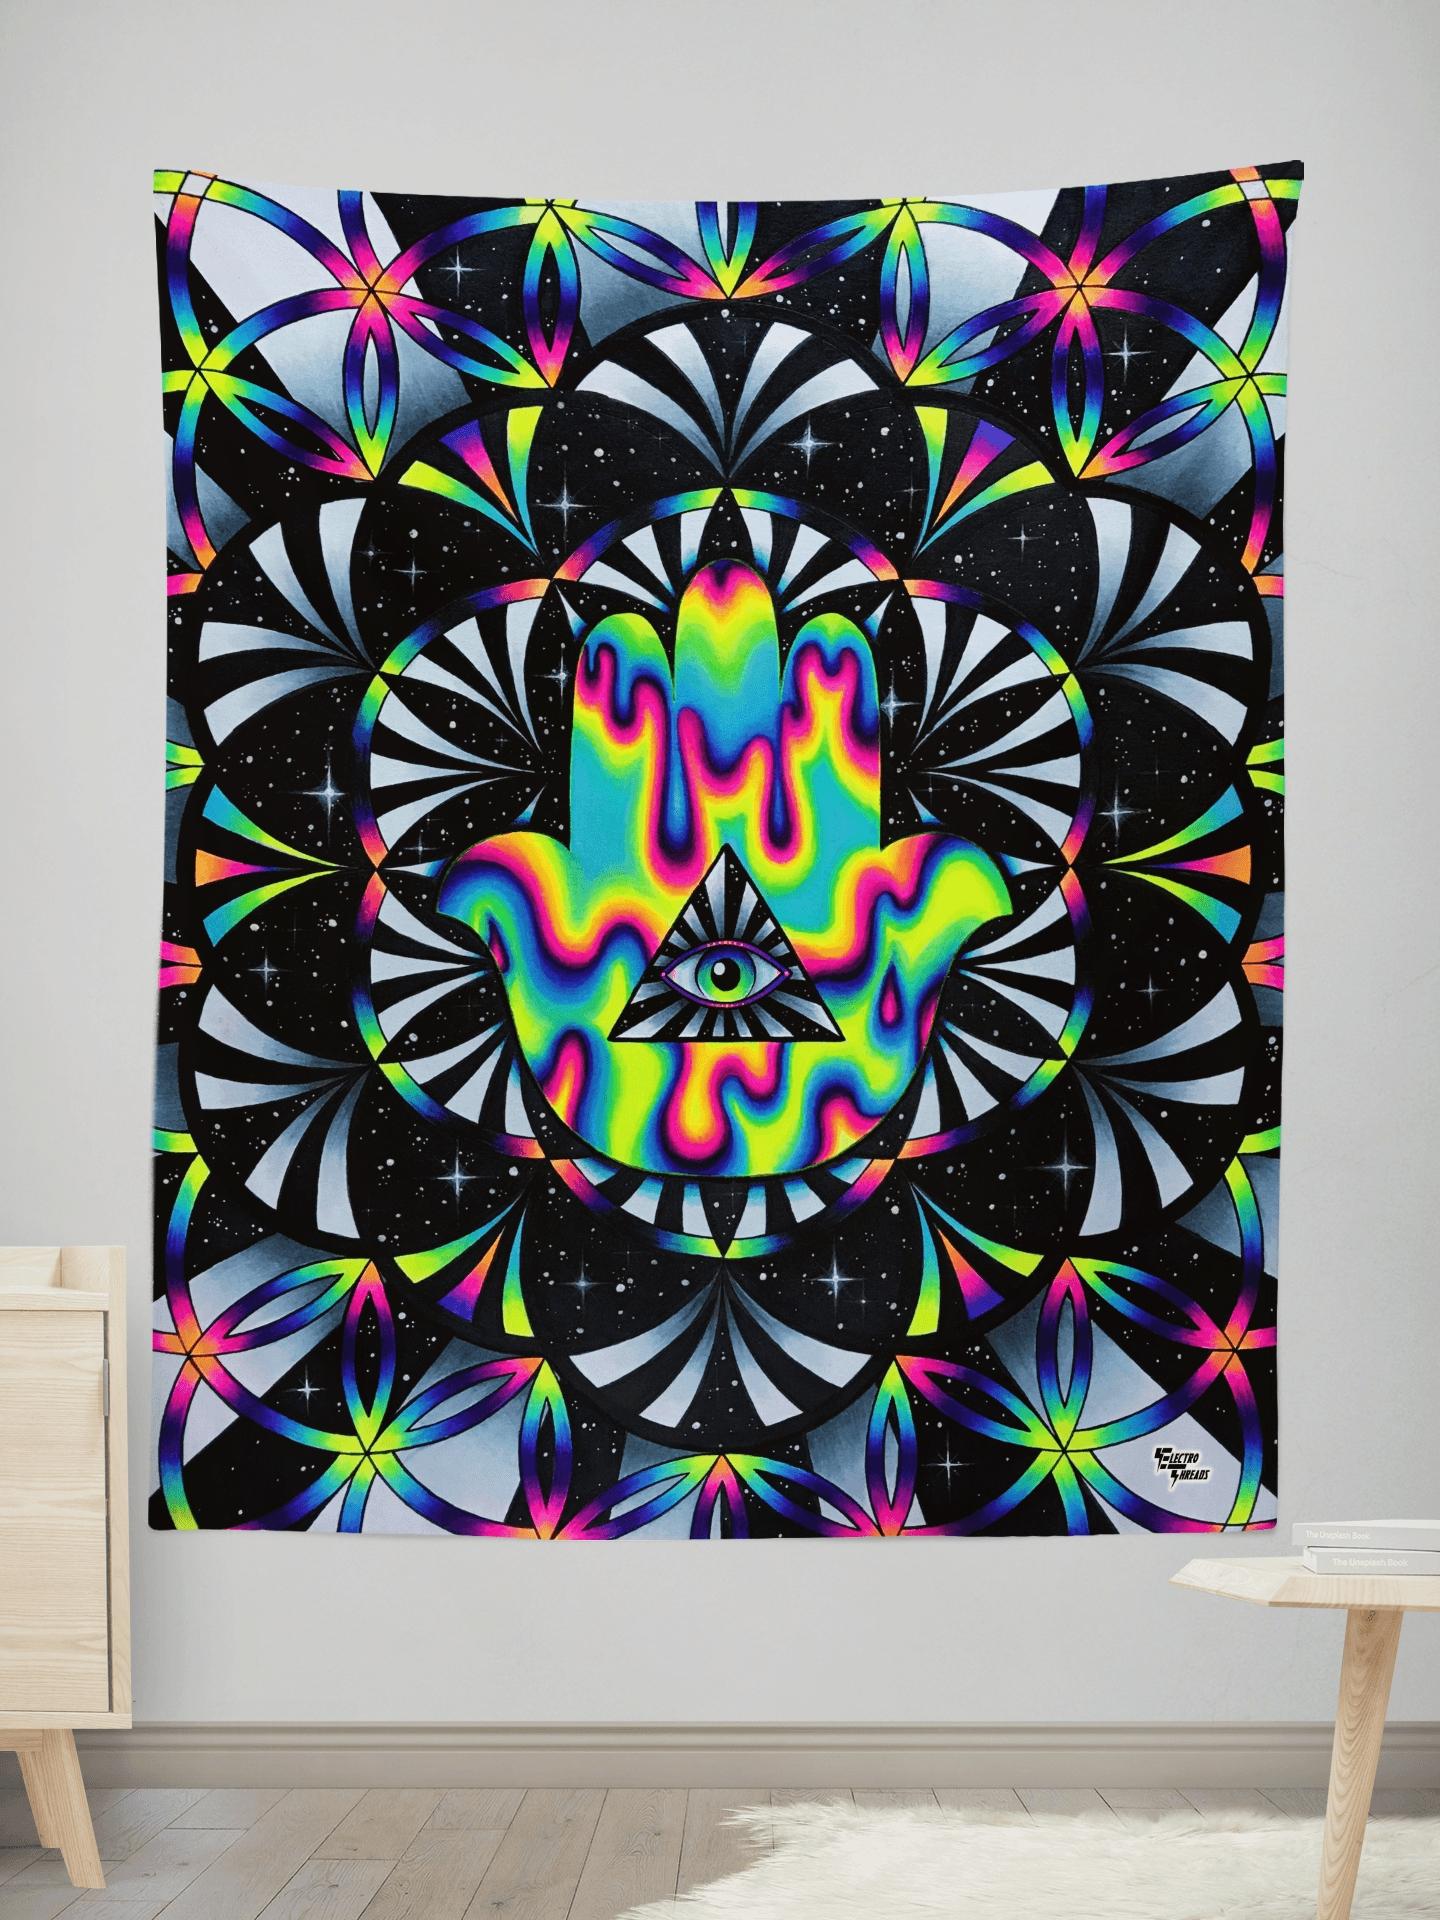 20 Best Ideas Abstract Art Wall Murals ... Part 92